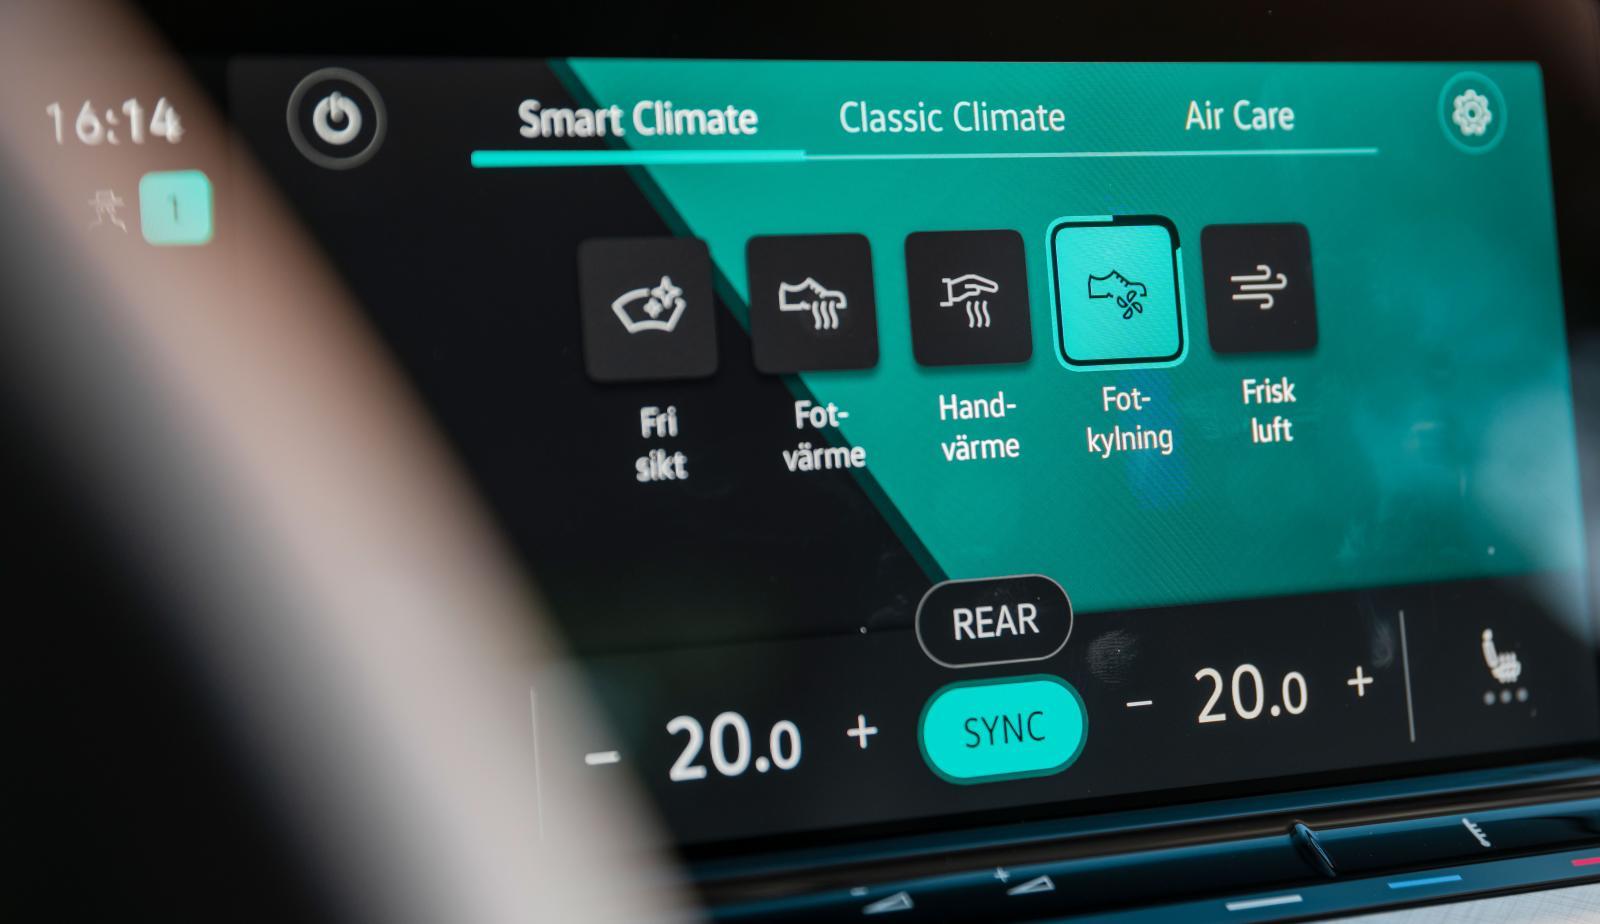 """Smart Climate"""" anpassar luftströmmarna och temperatur efter förarens behov. Testlaget upplevde funktionen som något konstlad, men visst är det kul att VW tänker nytt."""